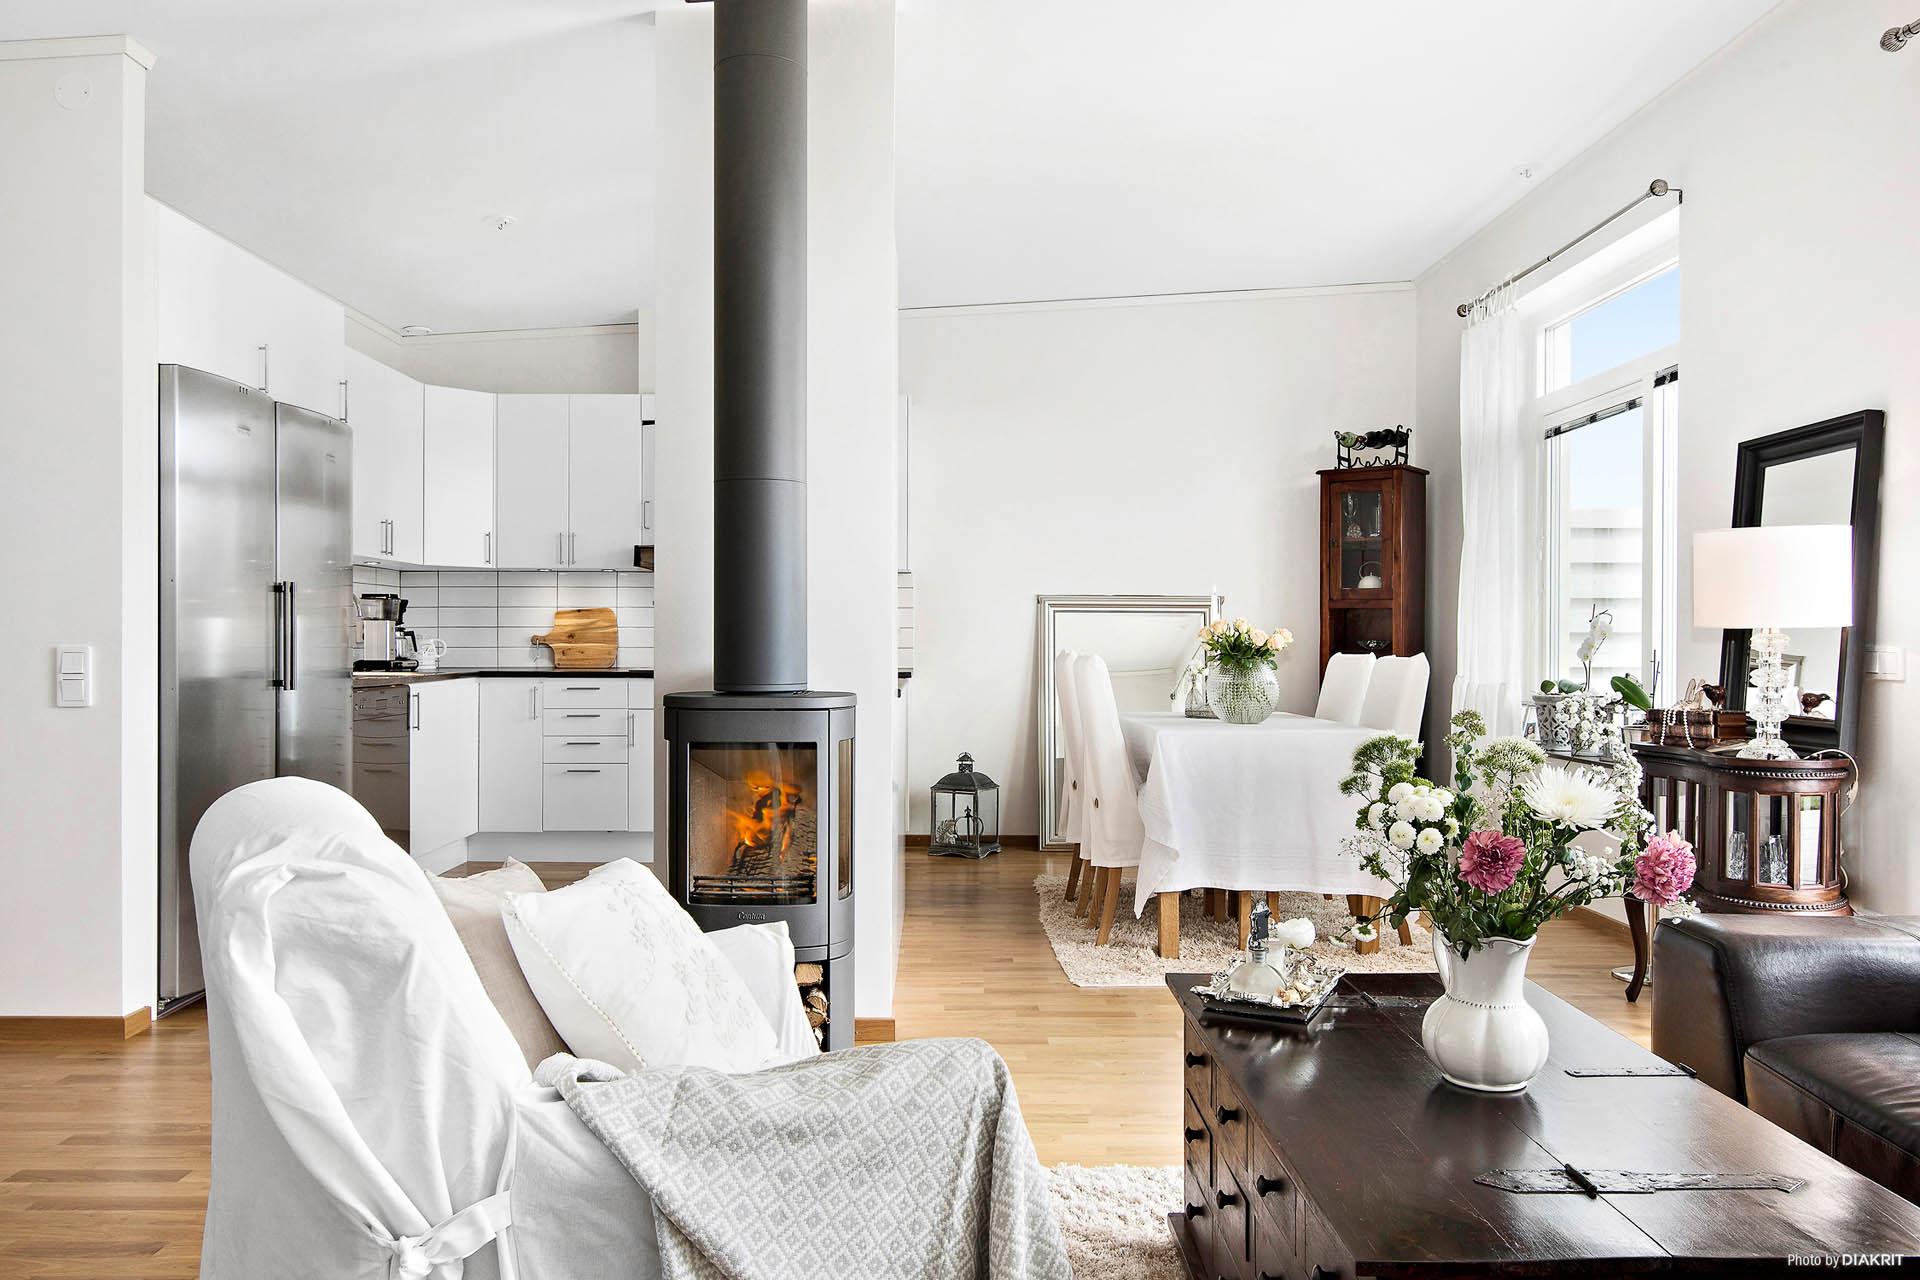 Vardagsrum, kök och matplats i öppen planlösning